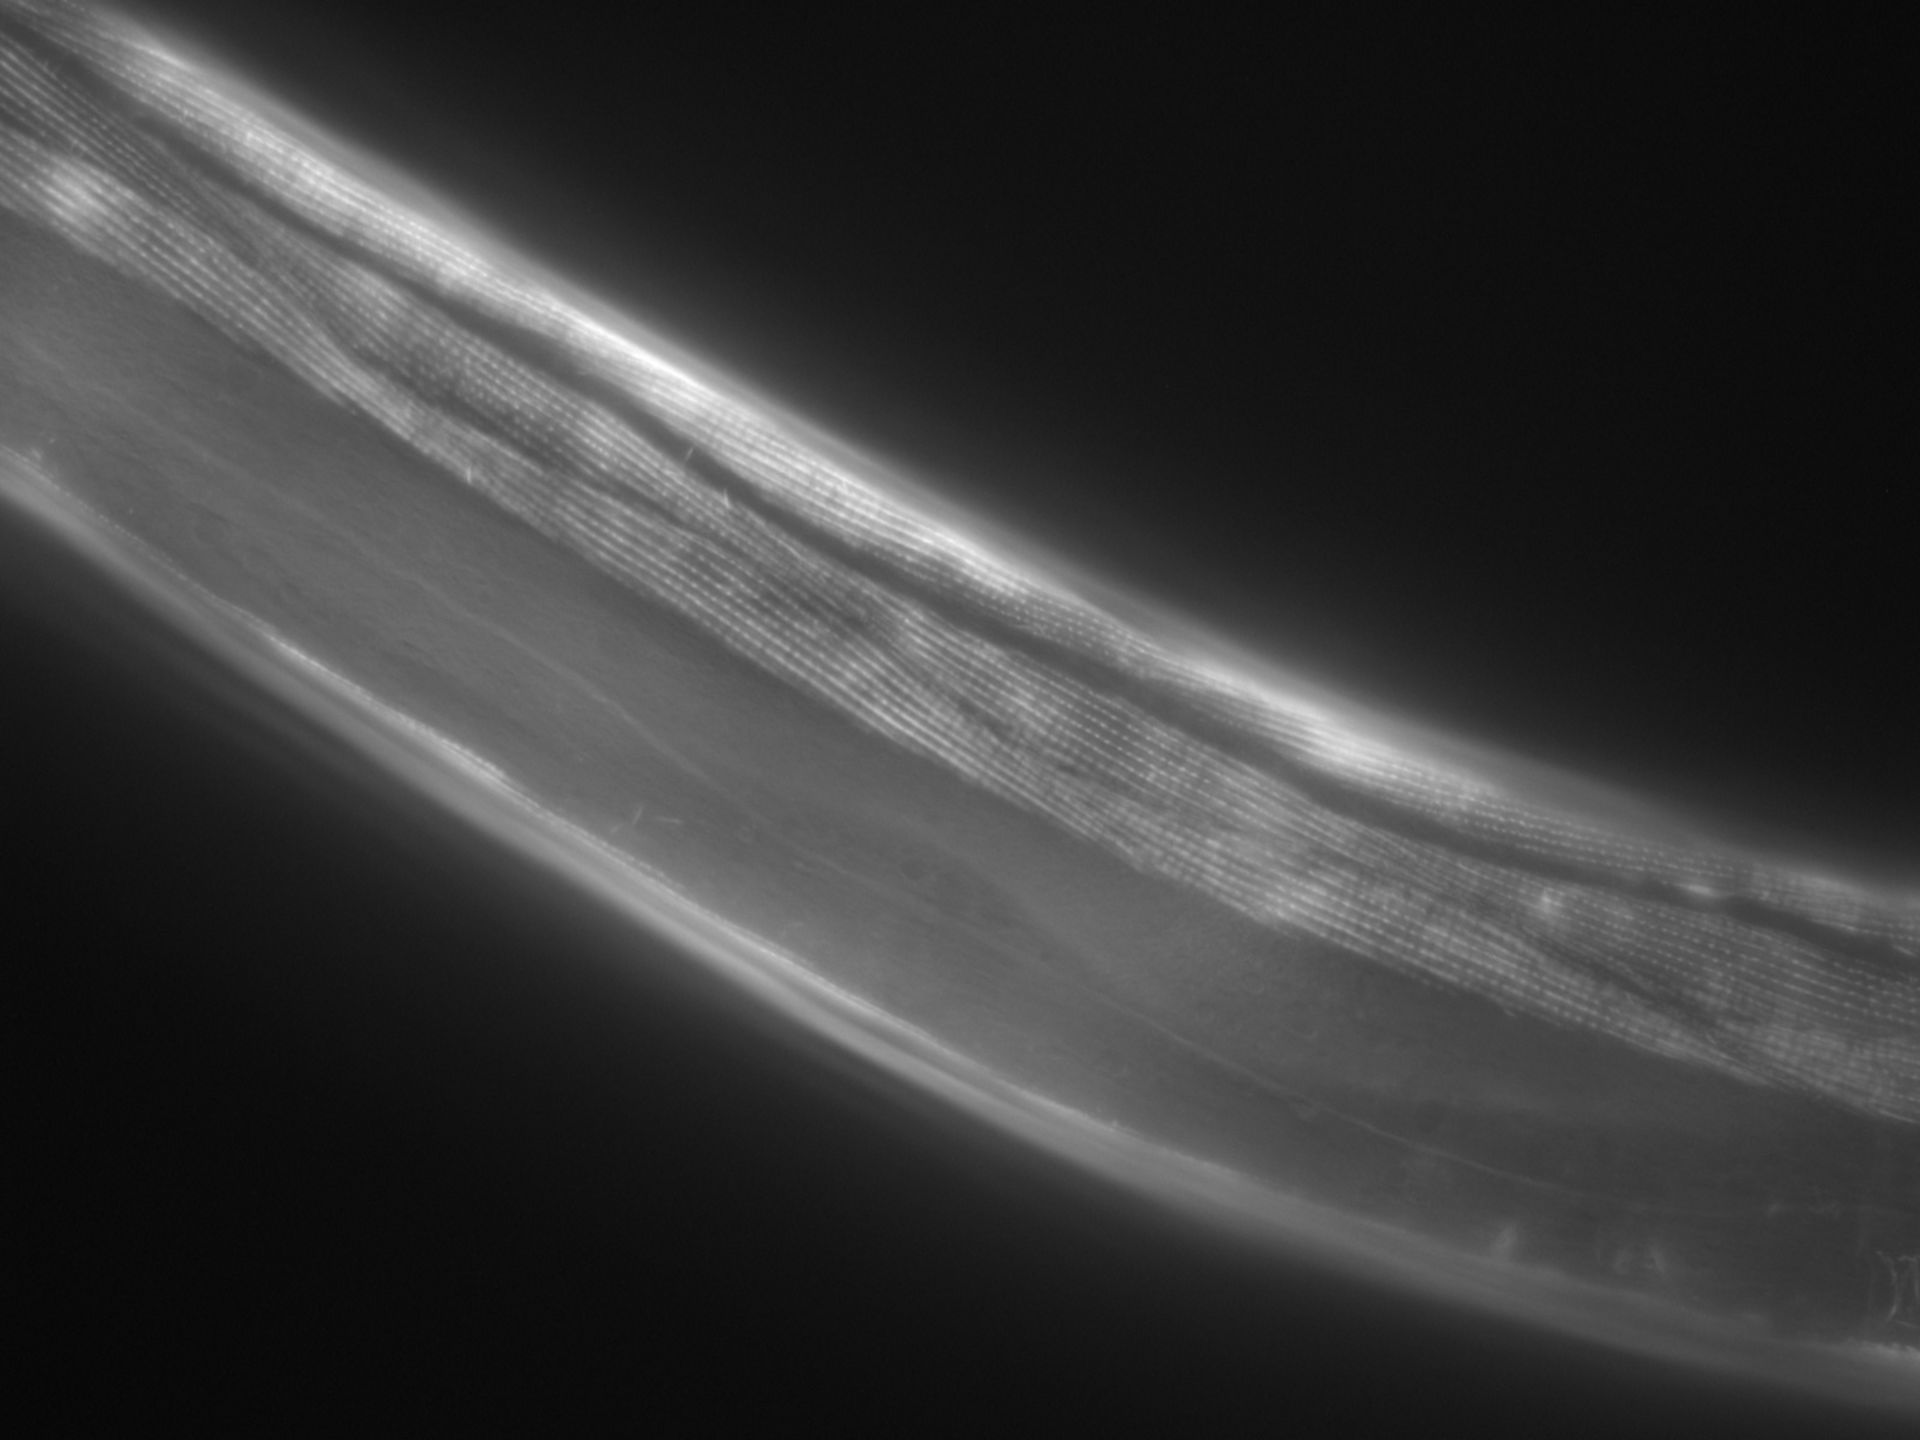 Caenorhabditis elegans (Actin filament) - CIL:1046